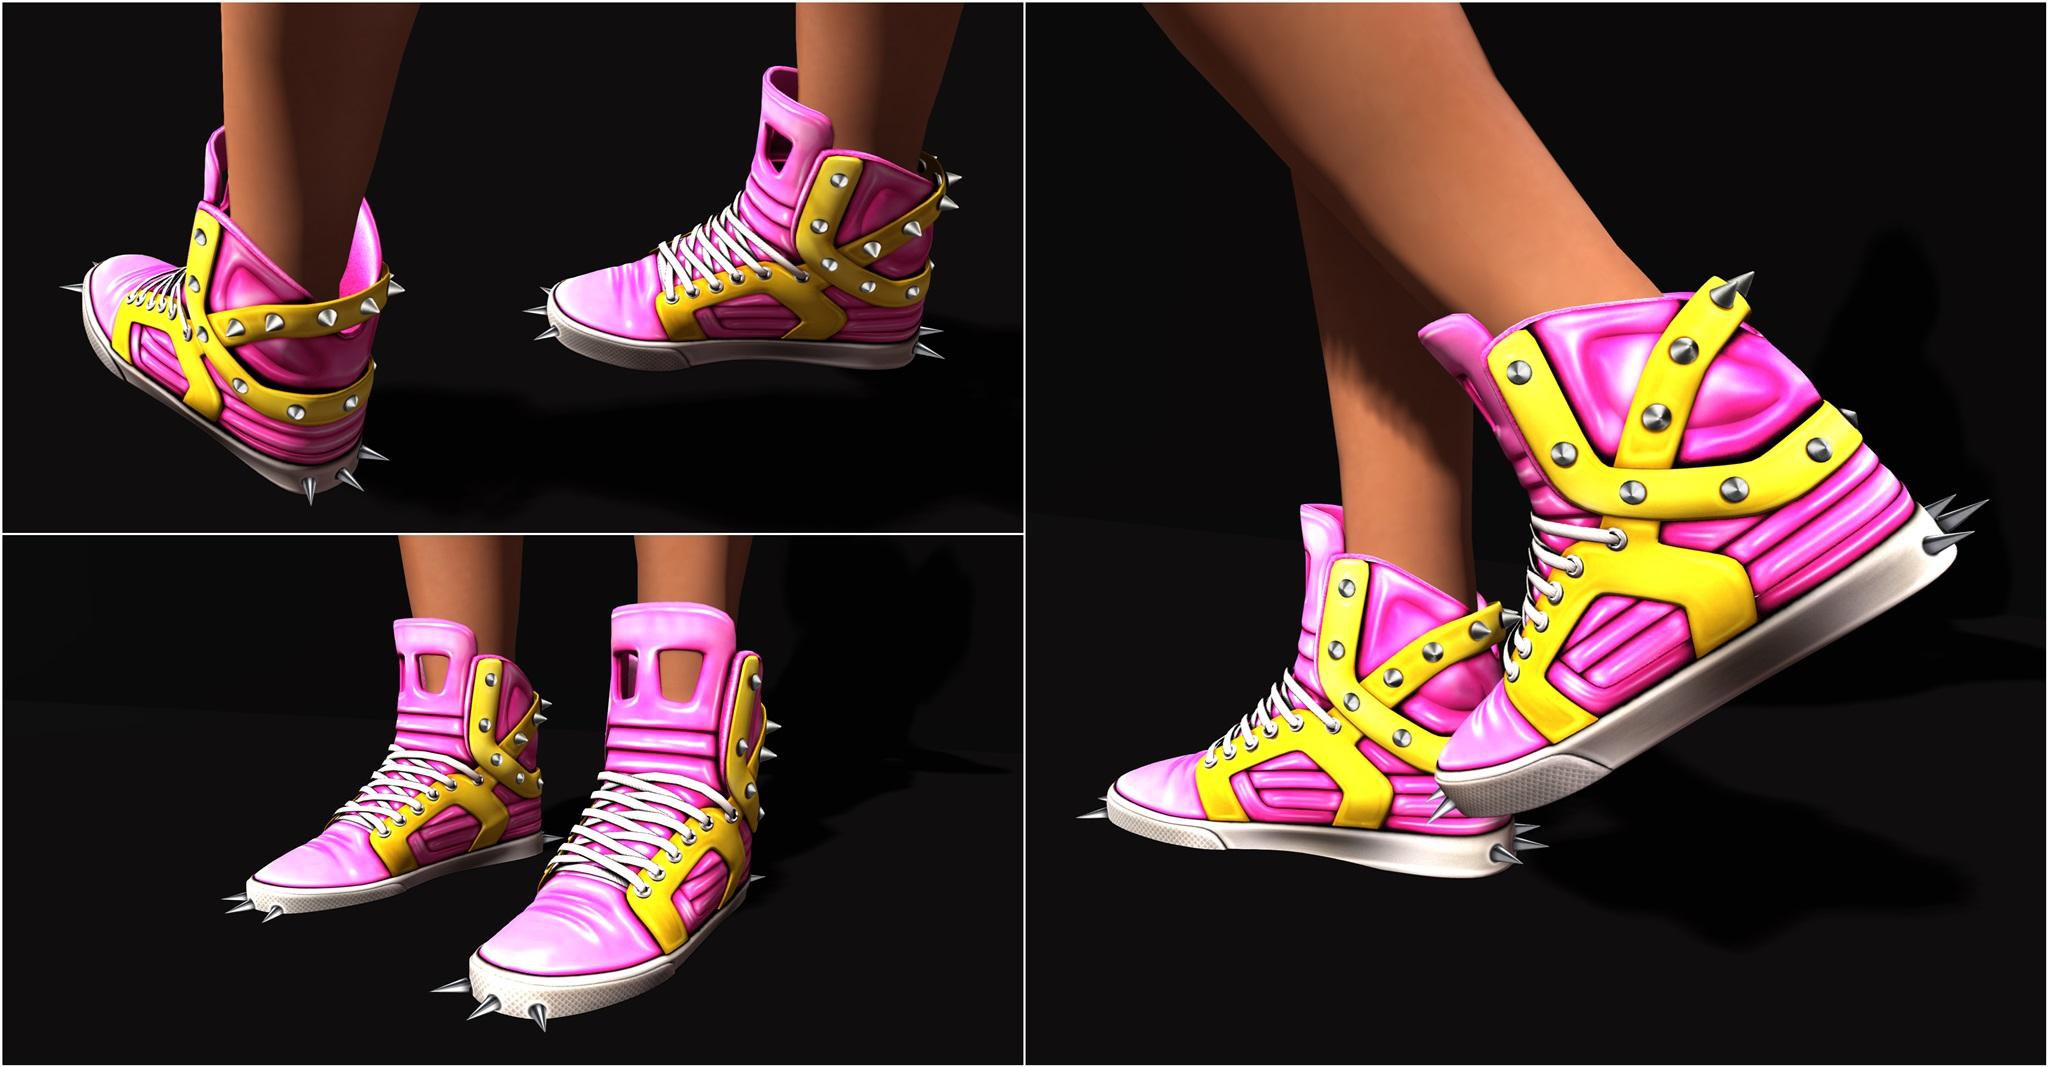 Energie Sk8 sneakers